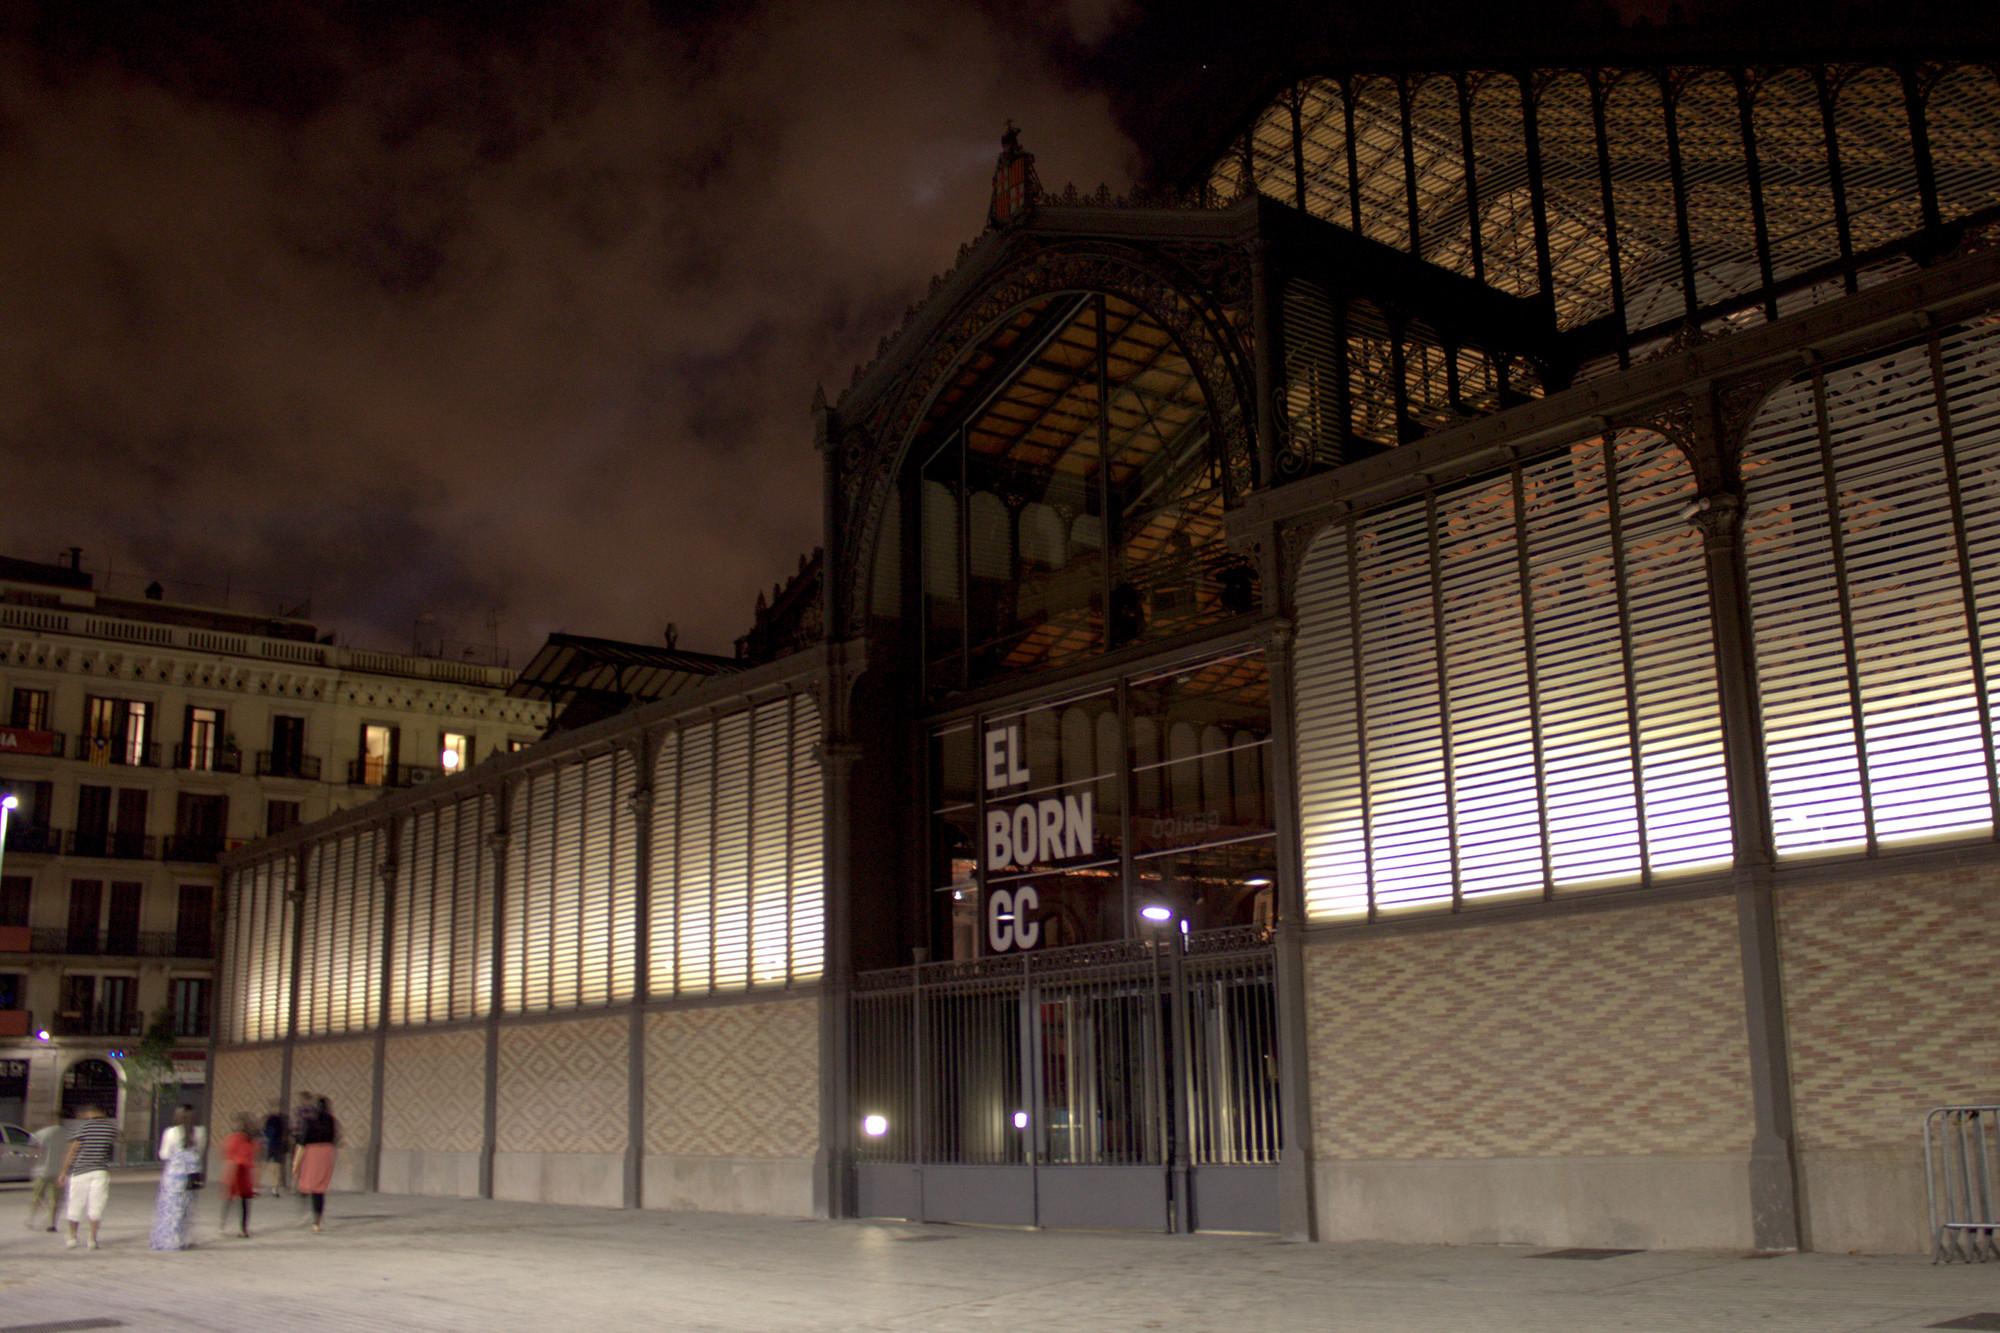 Premios ciutat de barcelona el mercado del born gana la for Arquitectura y urbanismo